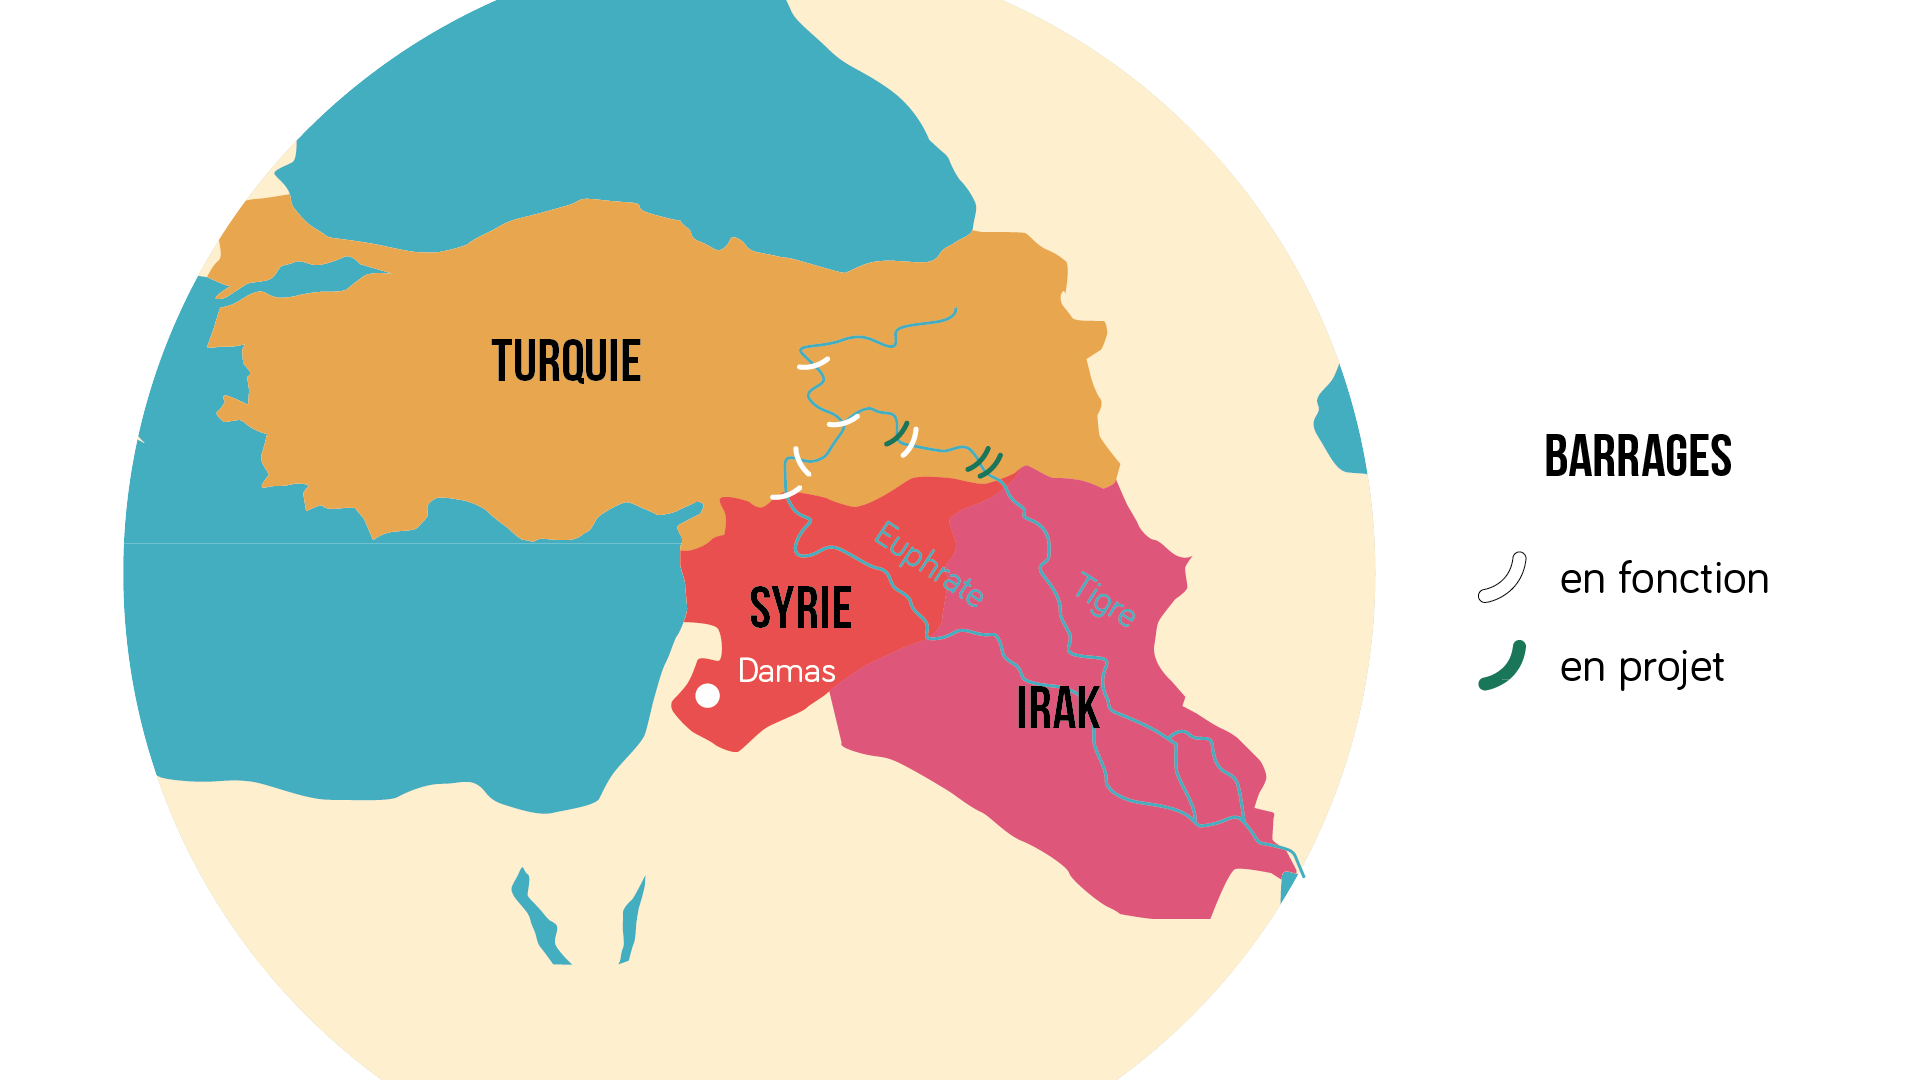 Le partage de l'eau entre la Turquie, l'Irak et la Syrie géographie seconde